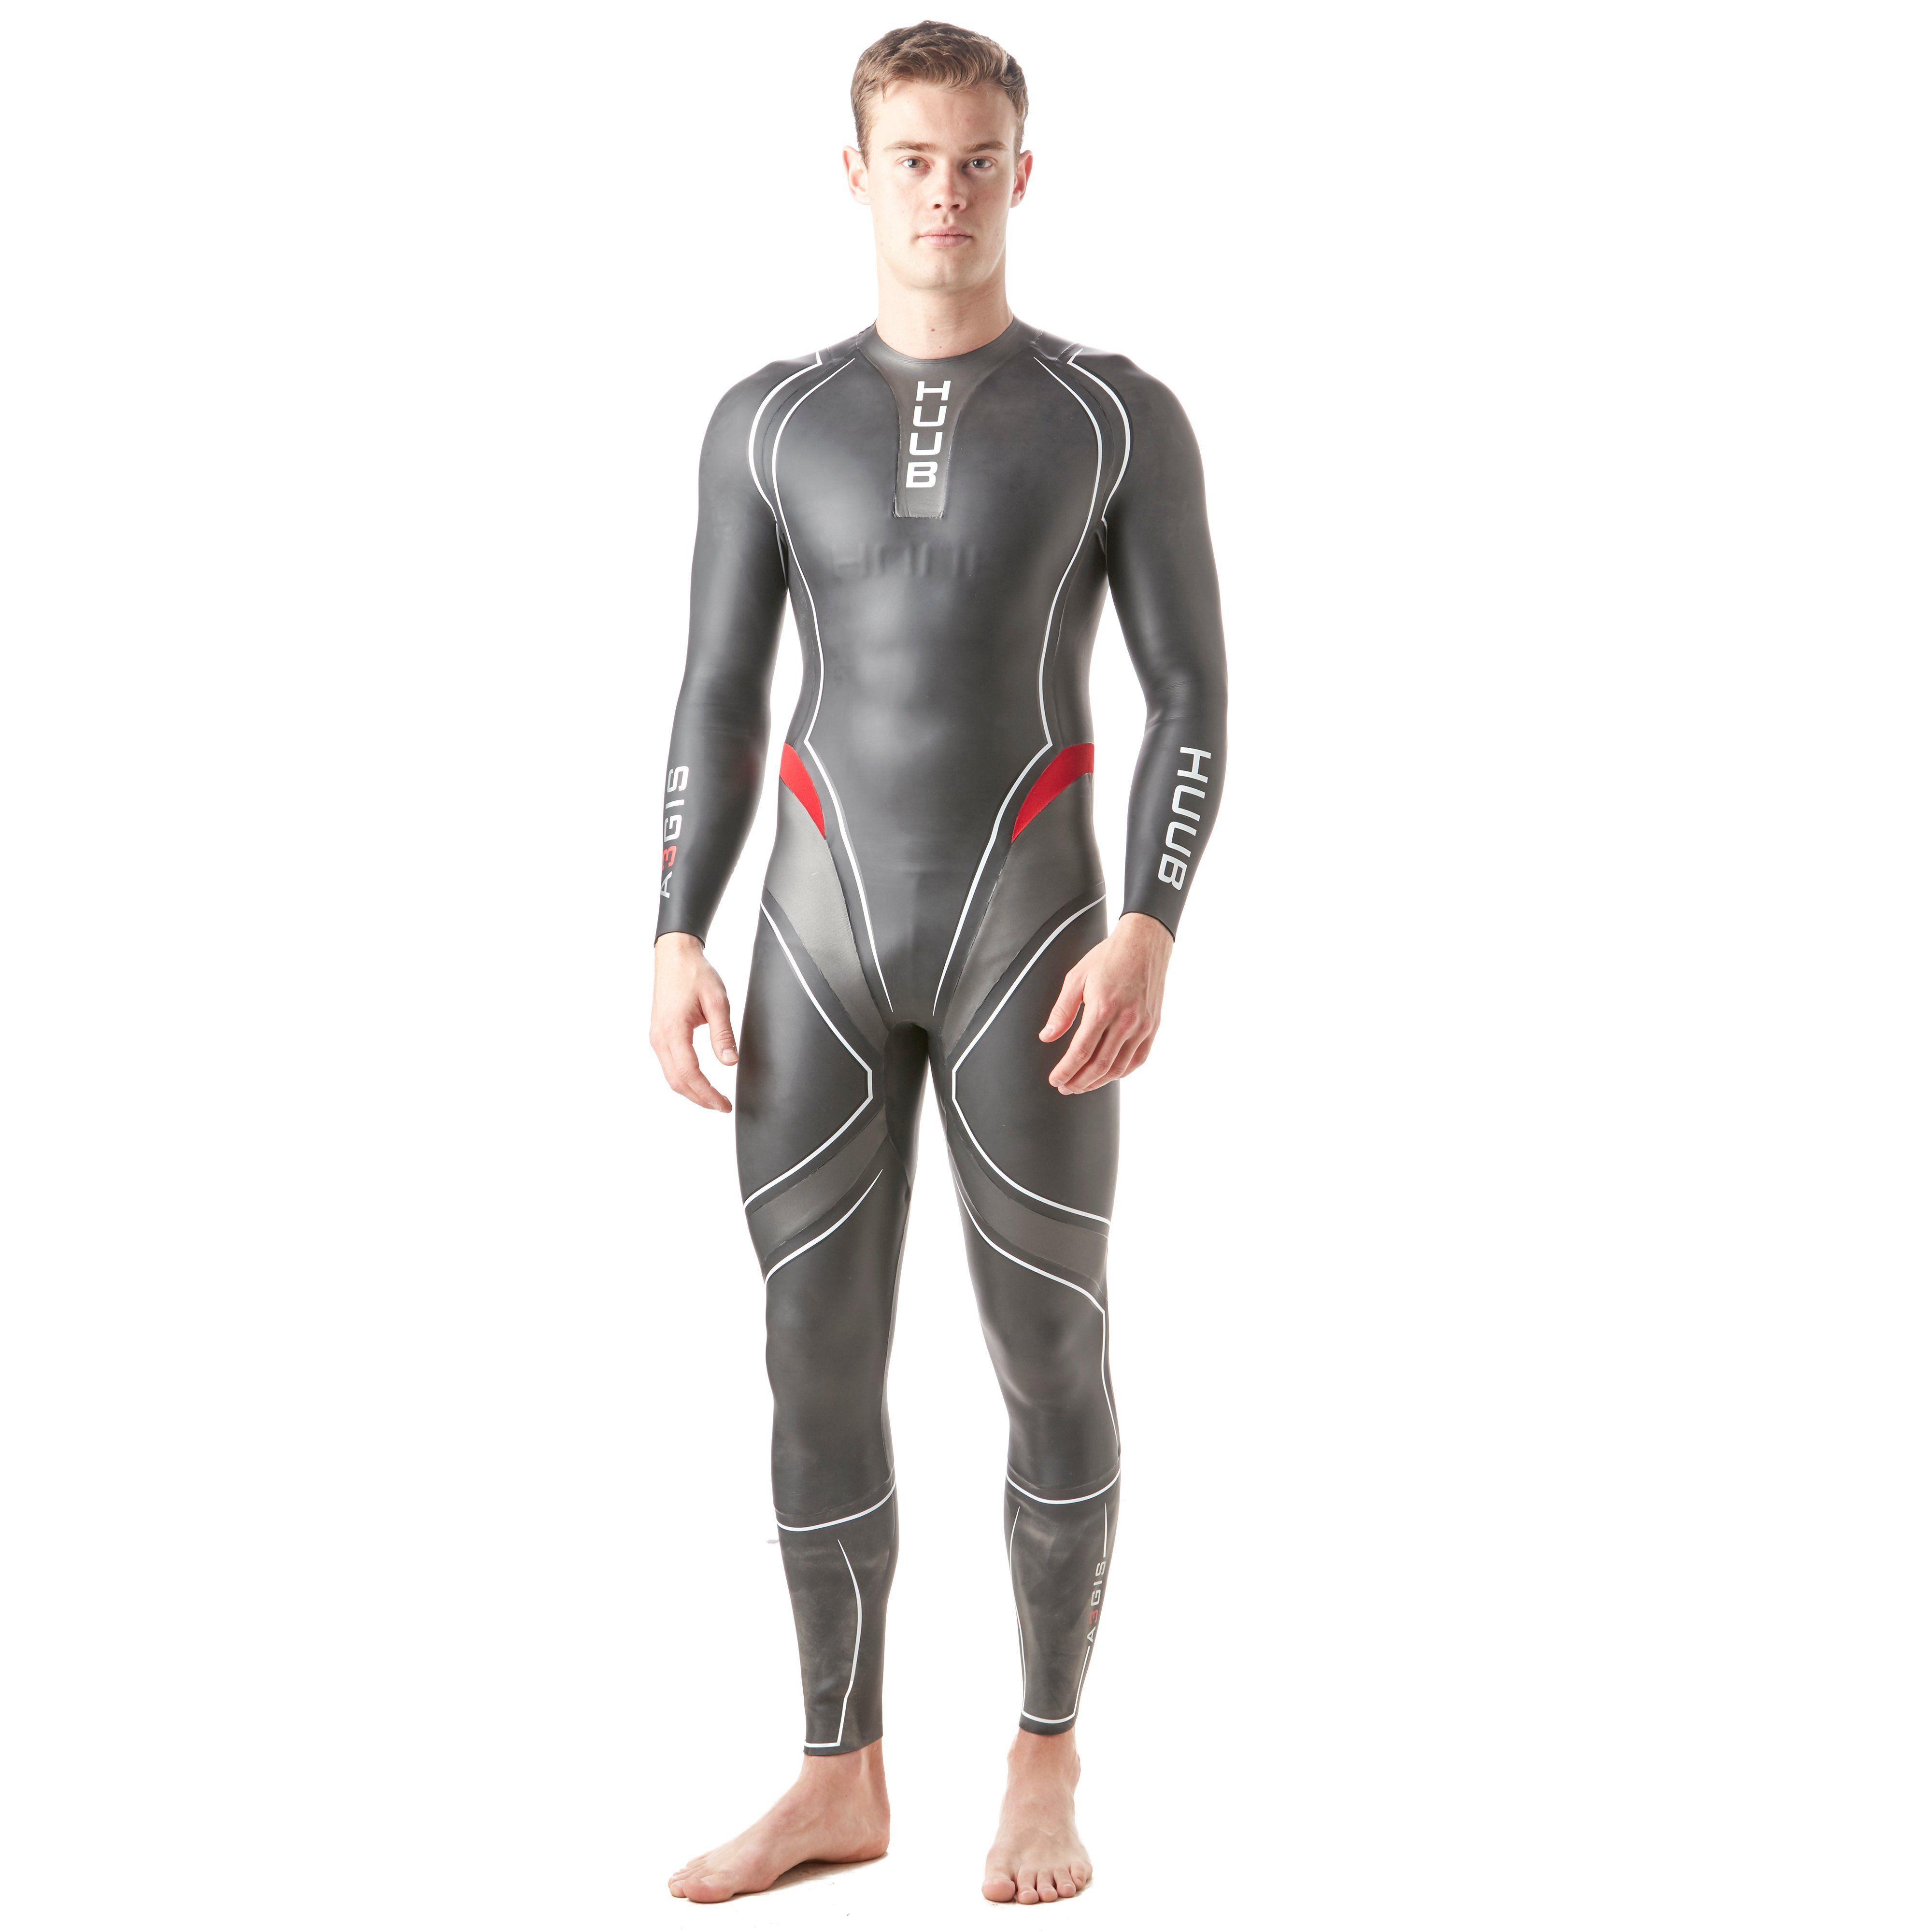 triathlon wetsuit